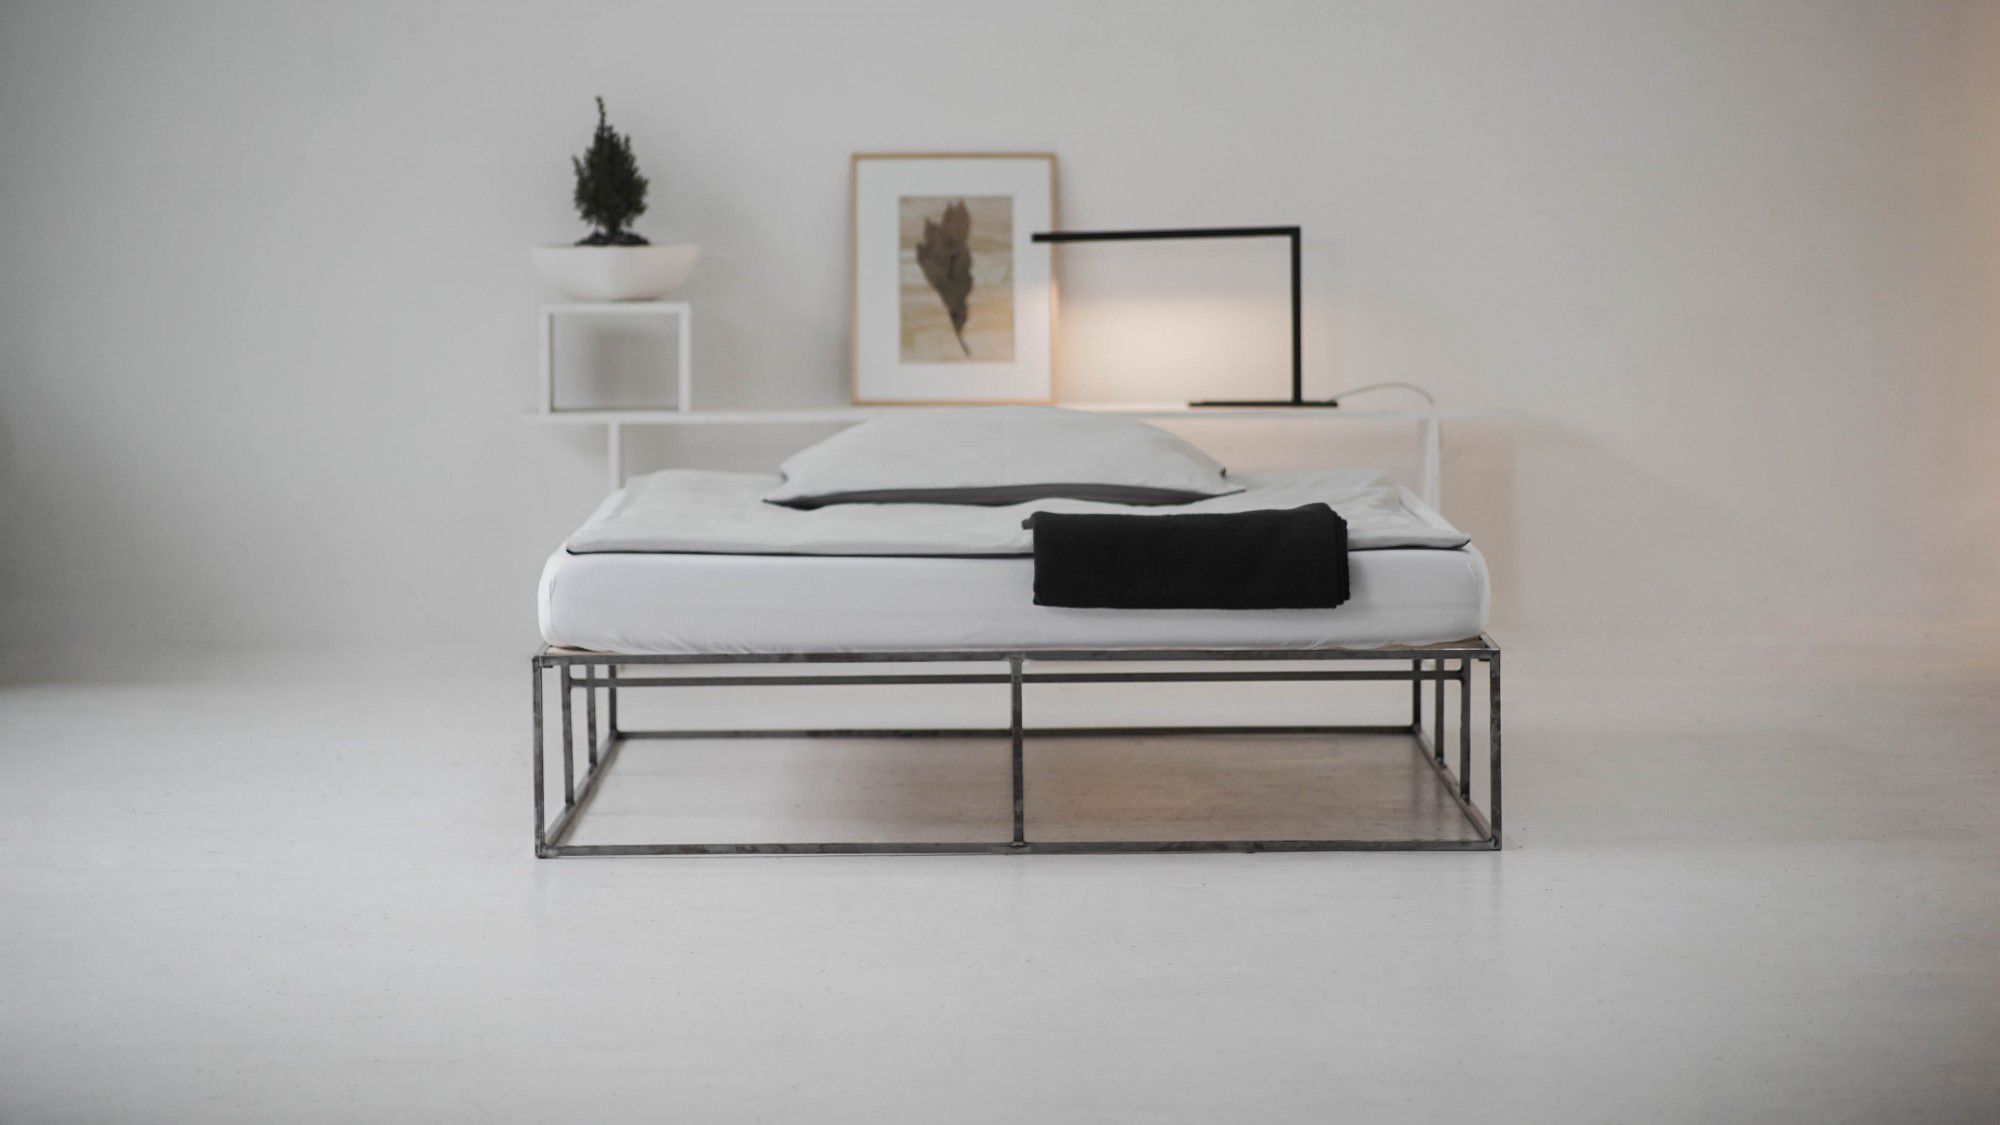 1-bett / standard / modern / aus stahl - ion - tatkraft, Schlafzimmer entwurf